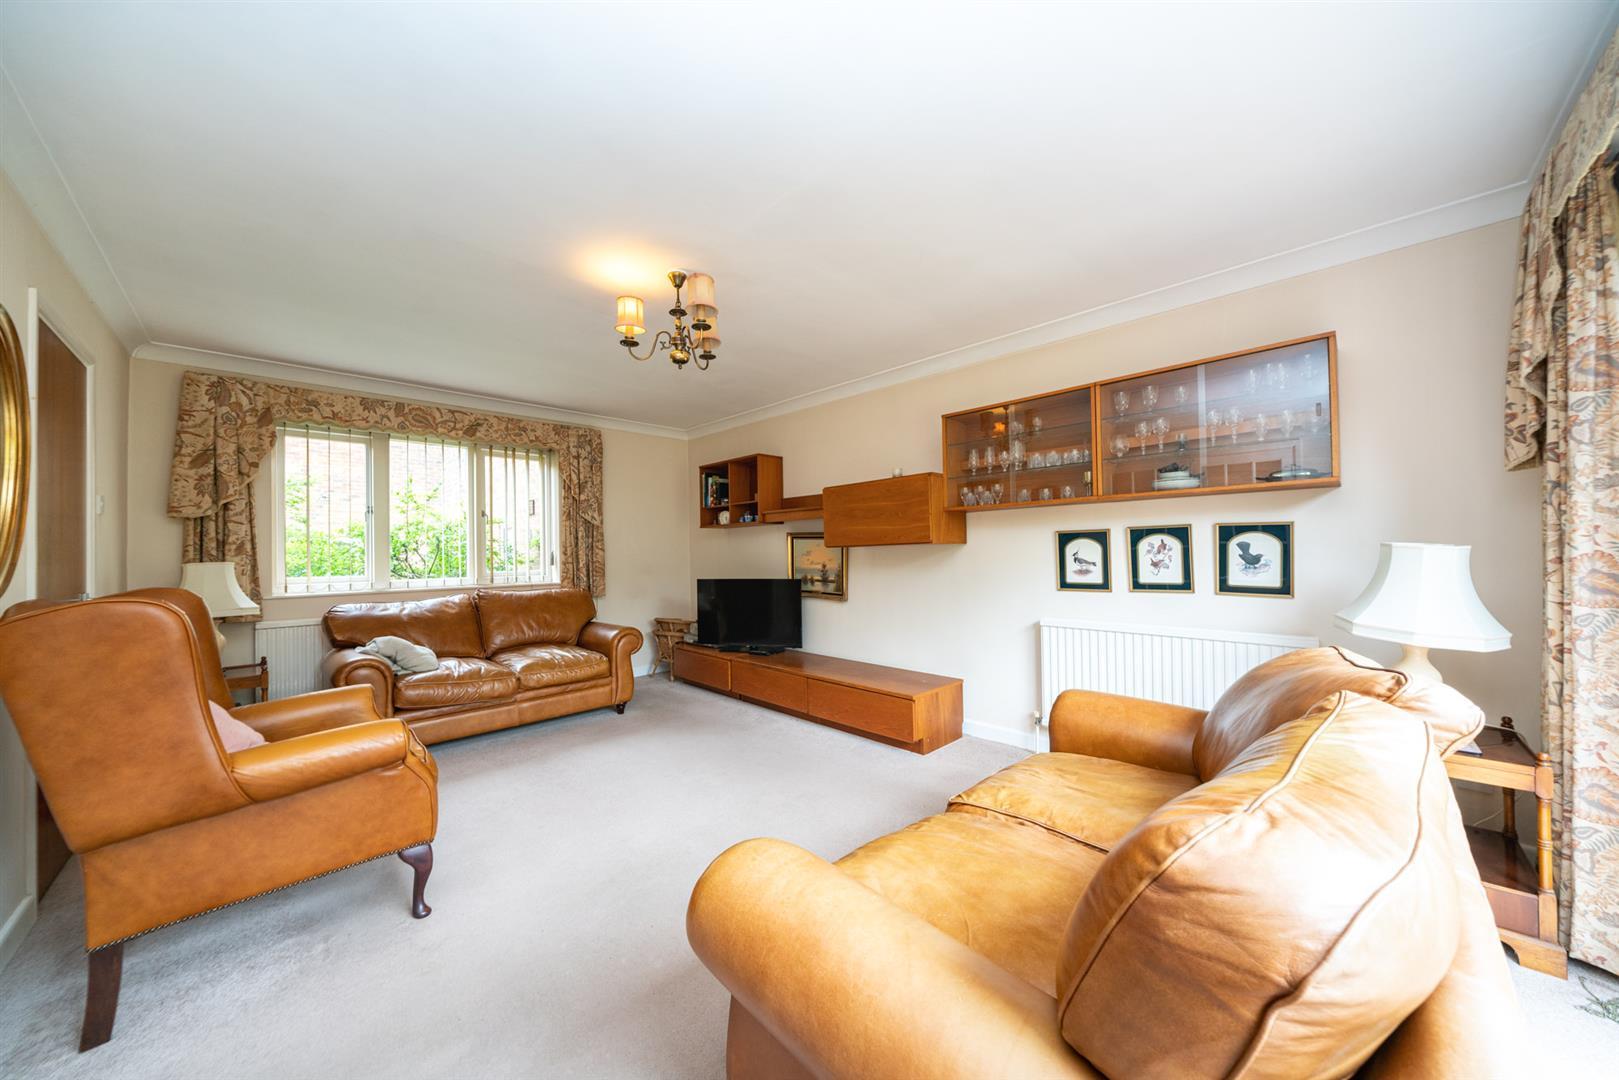 6-Rosehill-4103 - living room 1.jpg